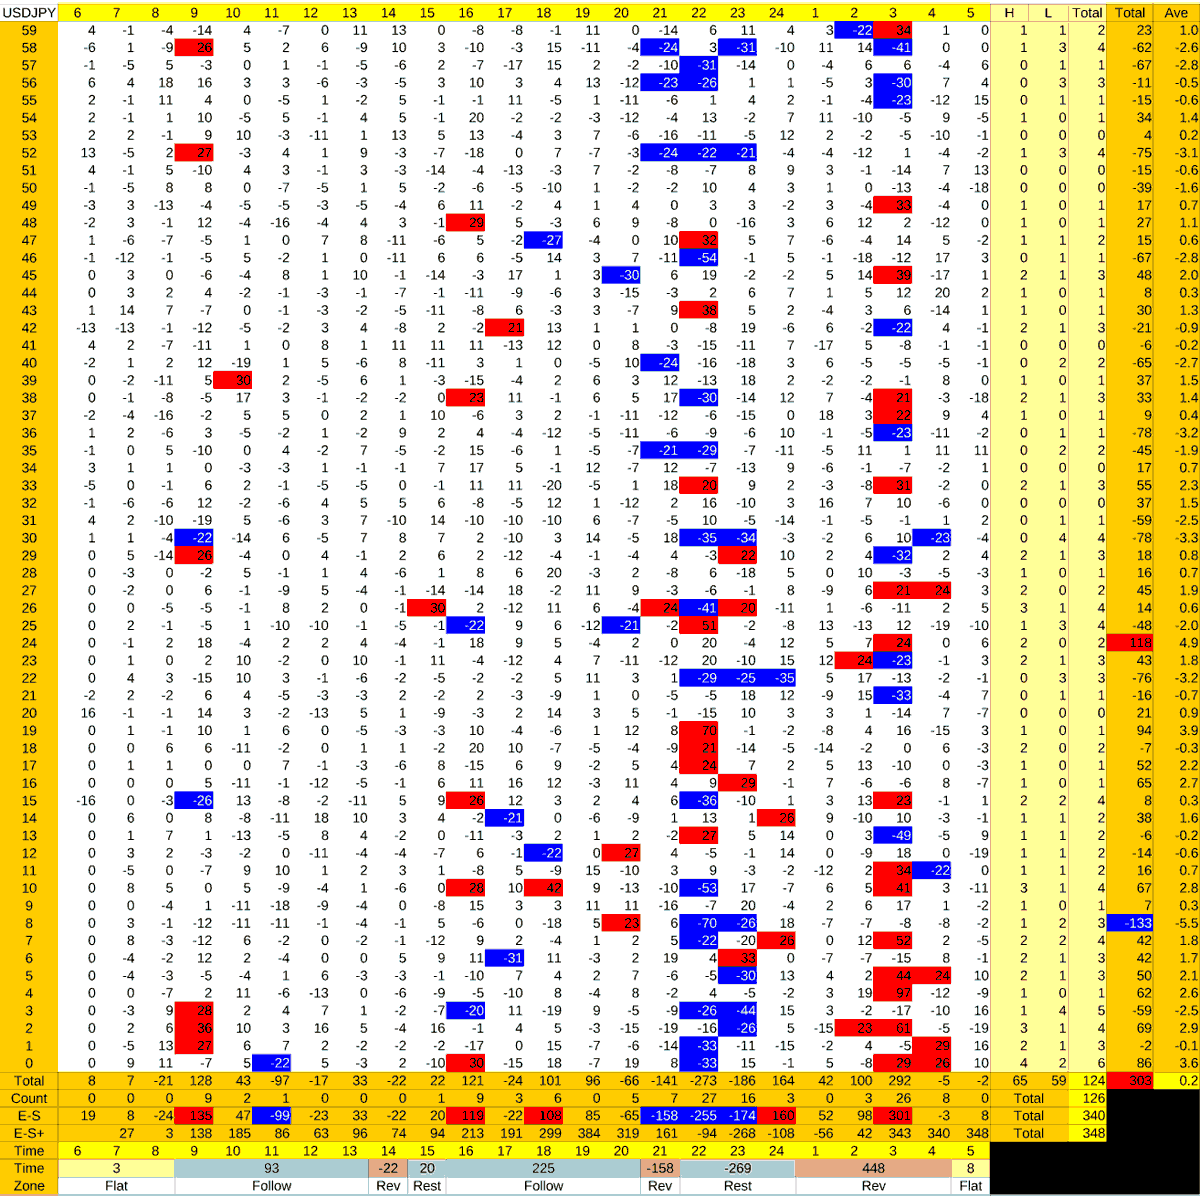 20210519_HS(1)USDJPY